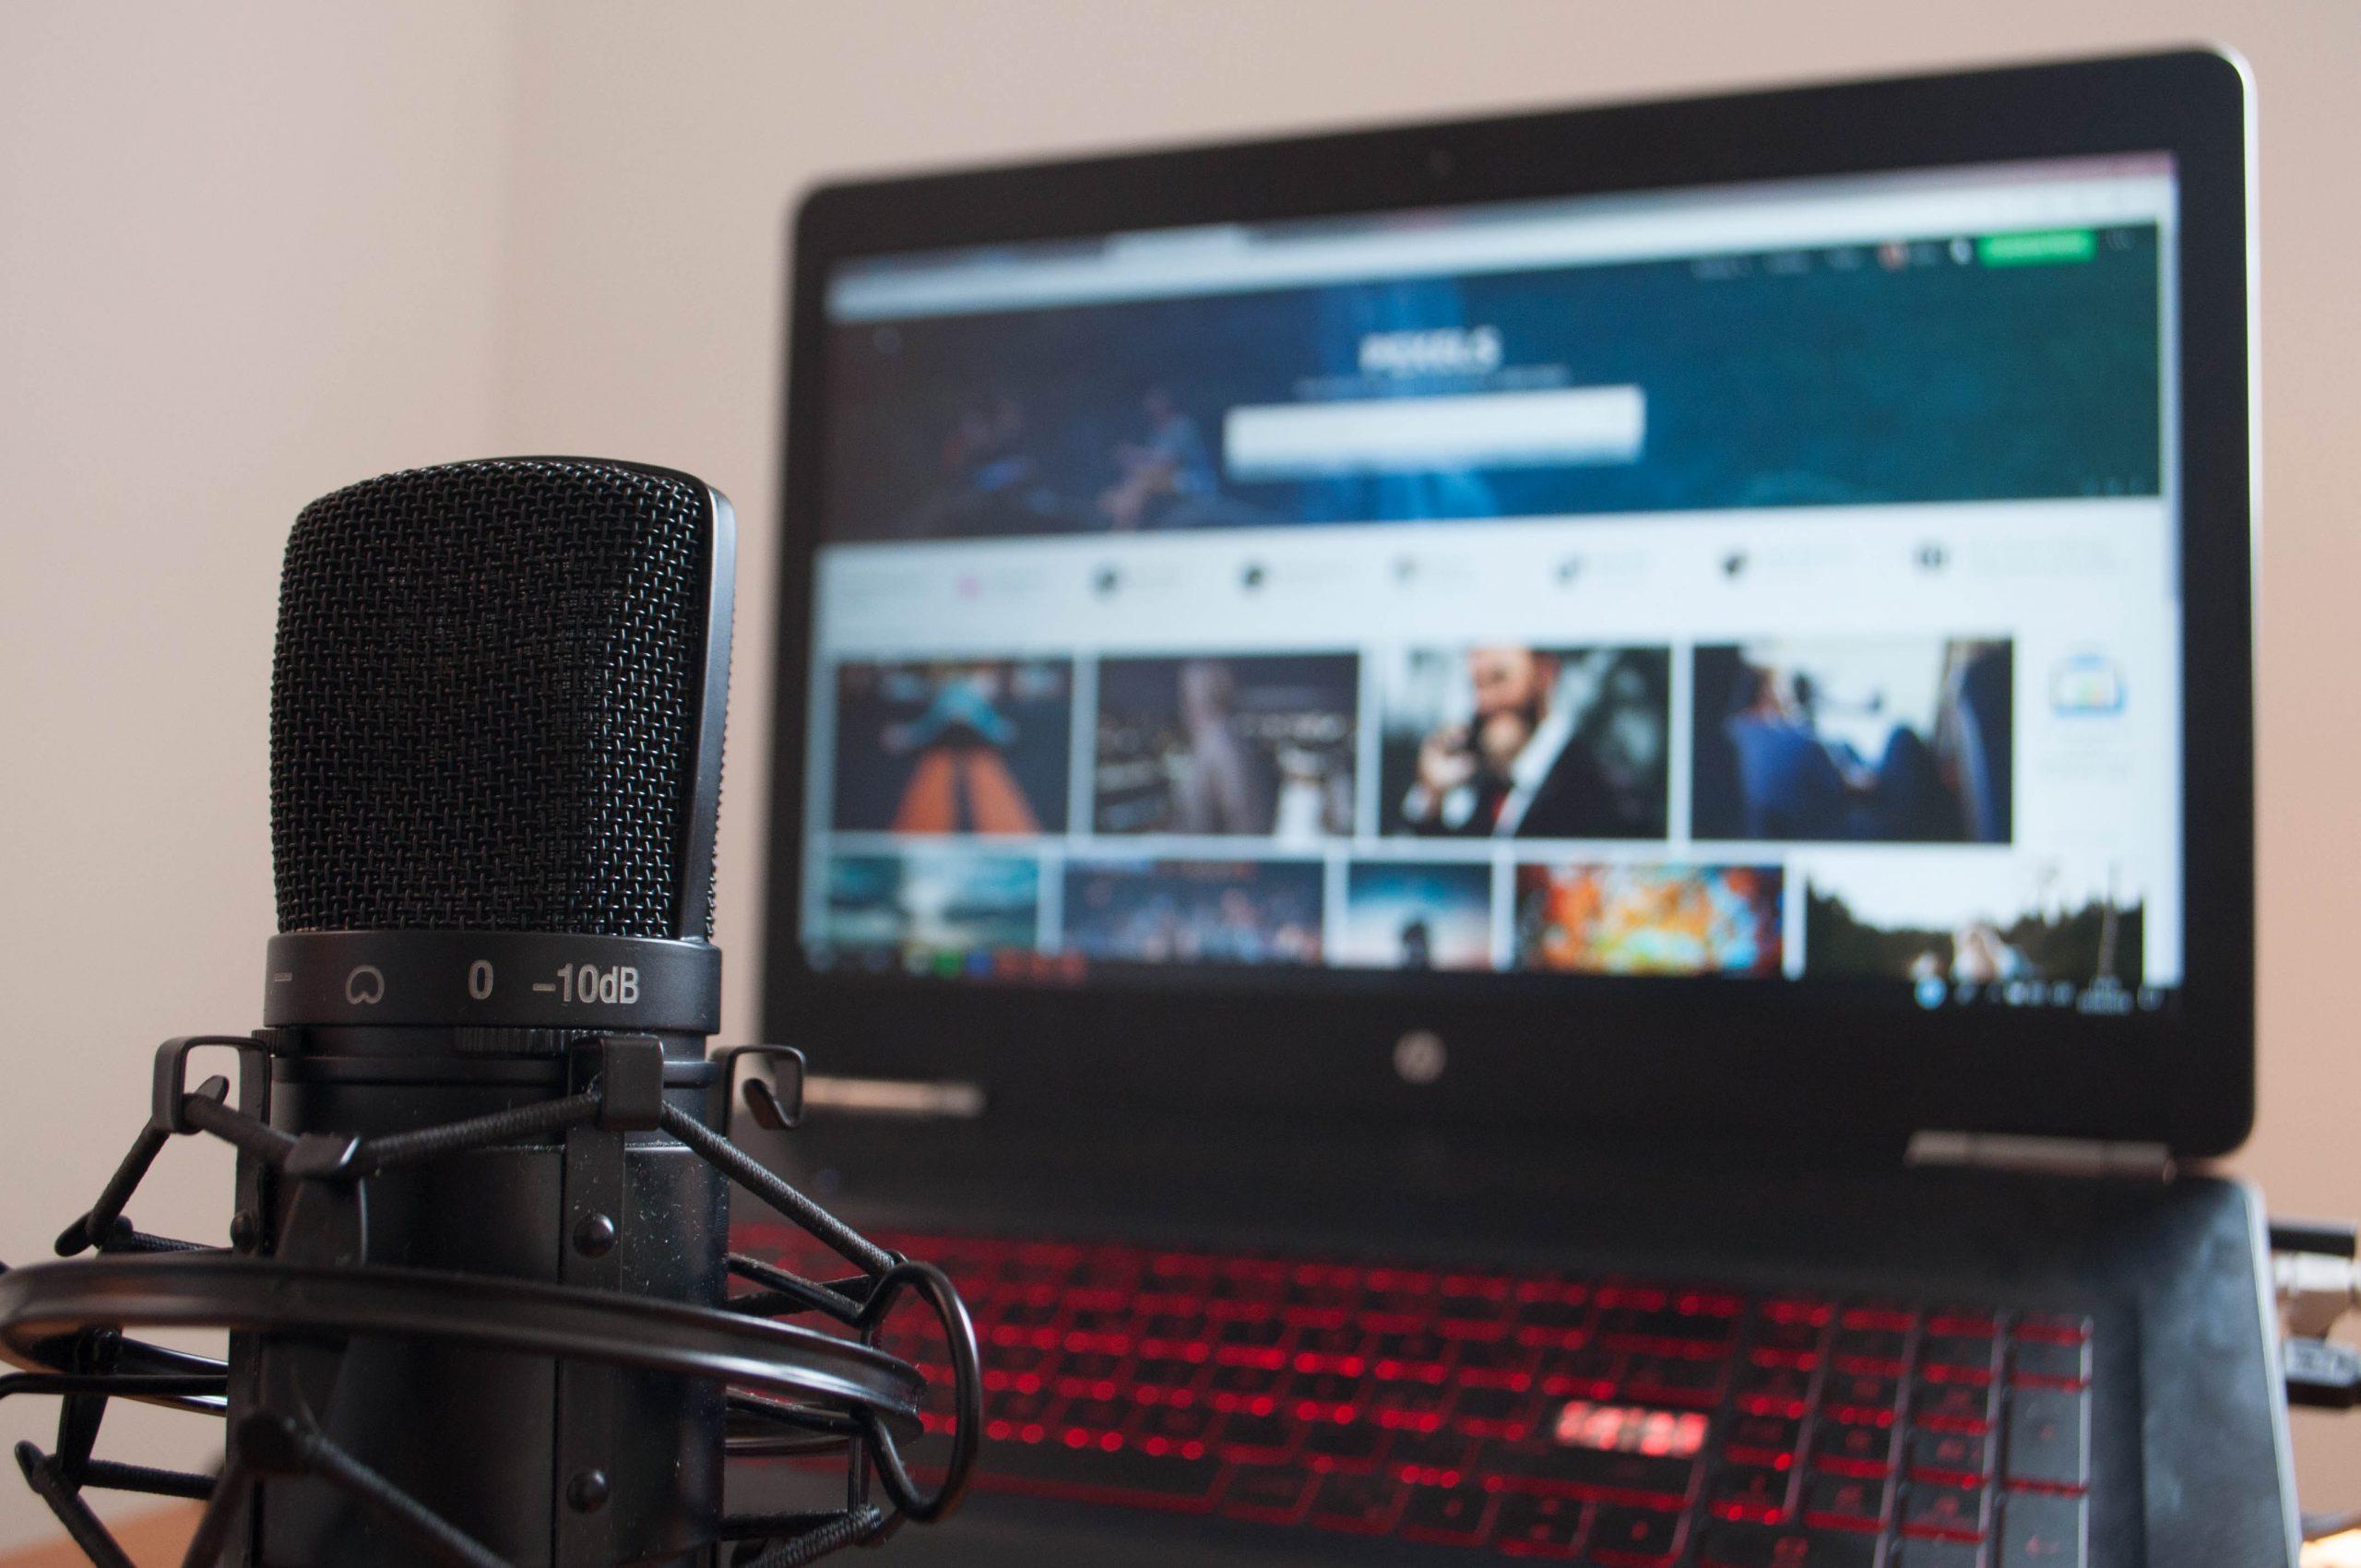 Imagem mostra um microfone em frente a uma tela de computador.